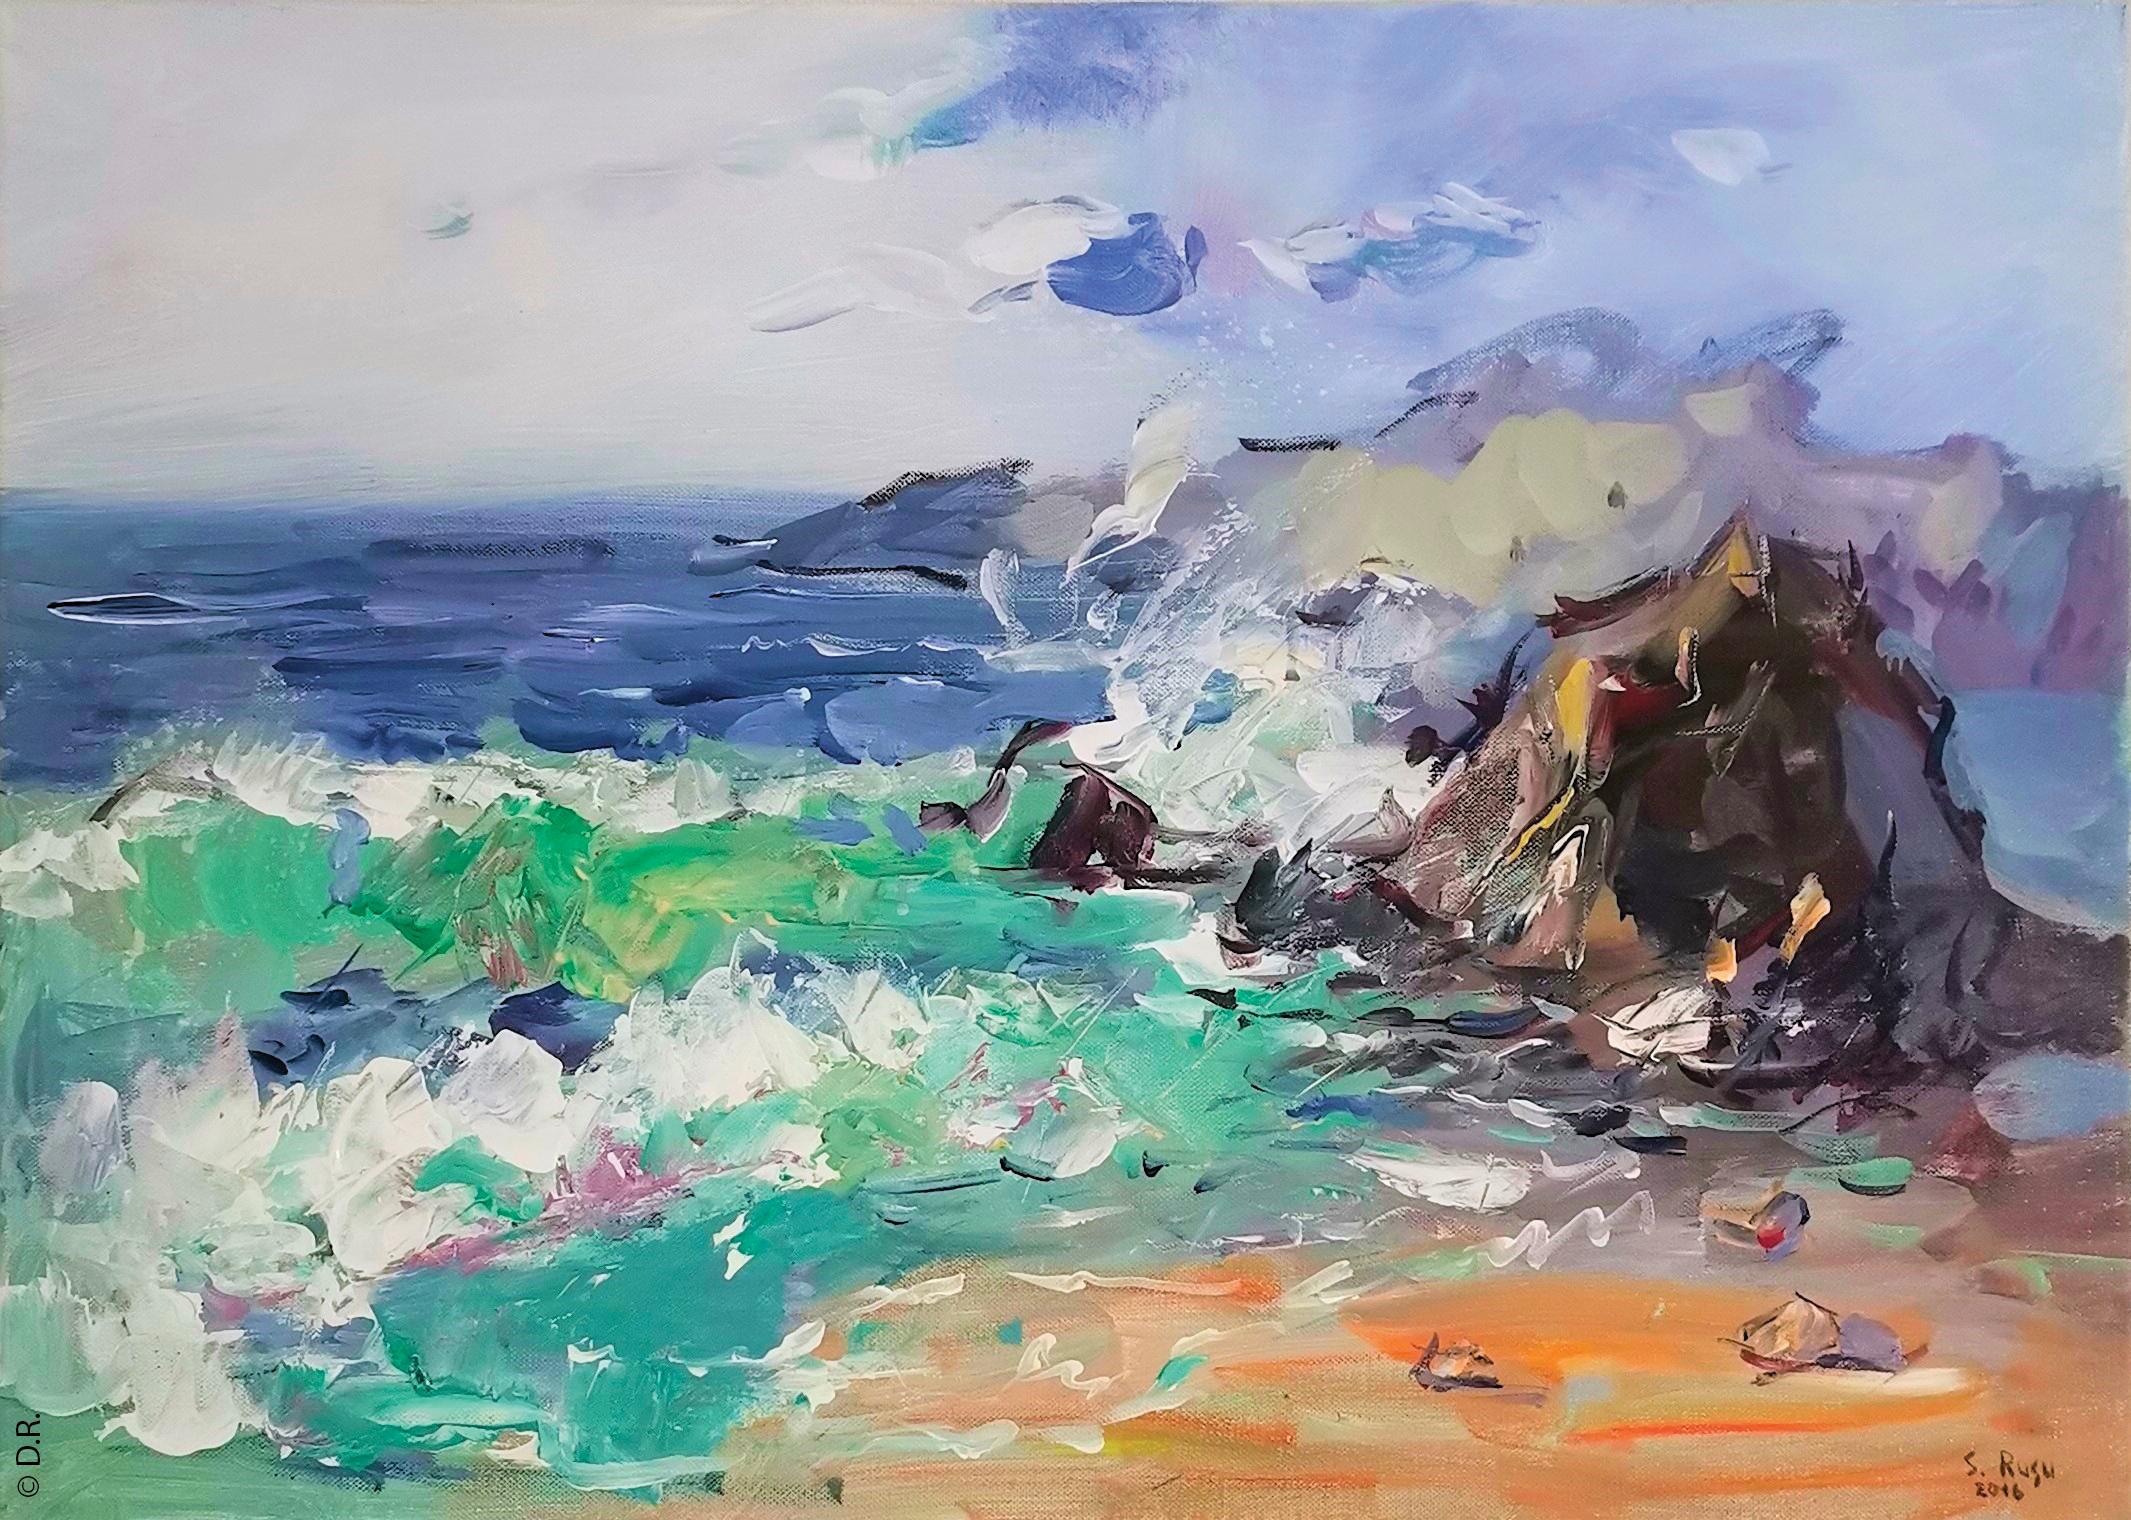 SERGIU RUSU : un artiste de la peinture figurative à découvrir